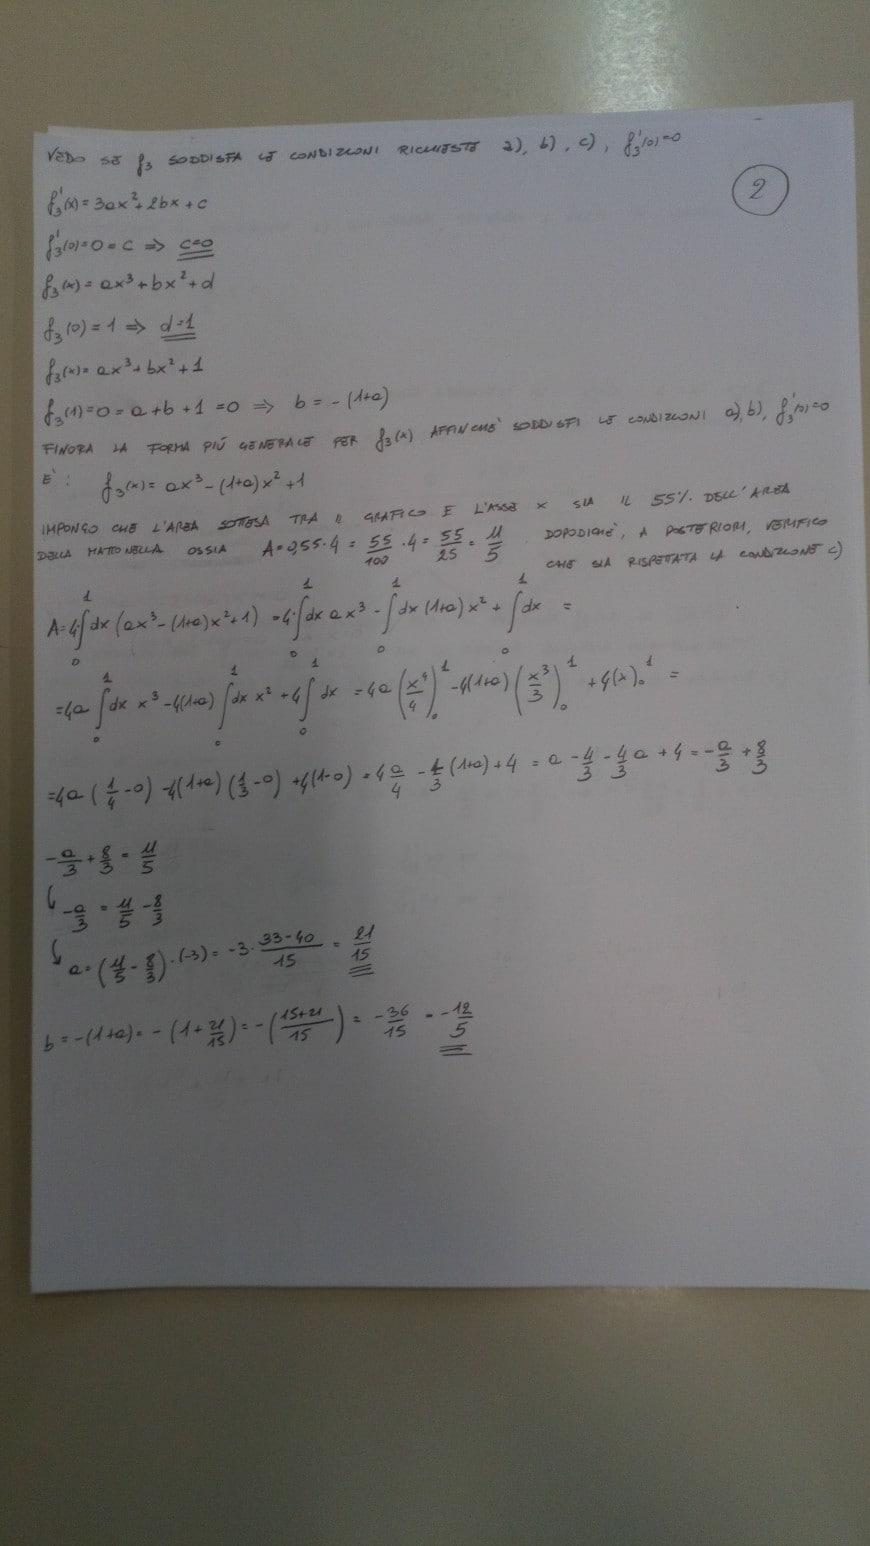 Soluzione problema 1-3 seconda prova scientifico maturità 2018